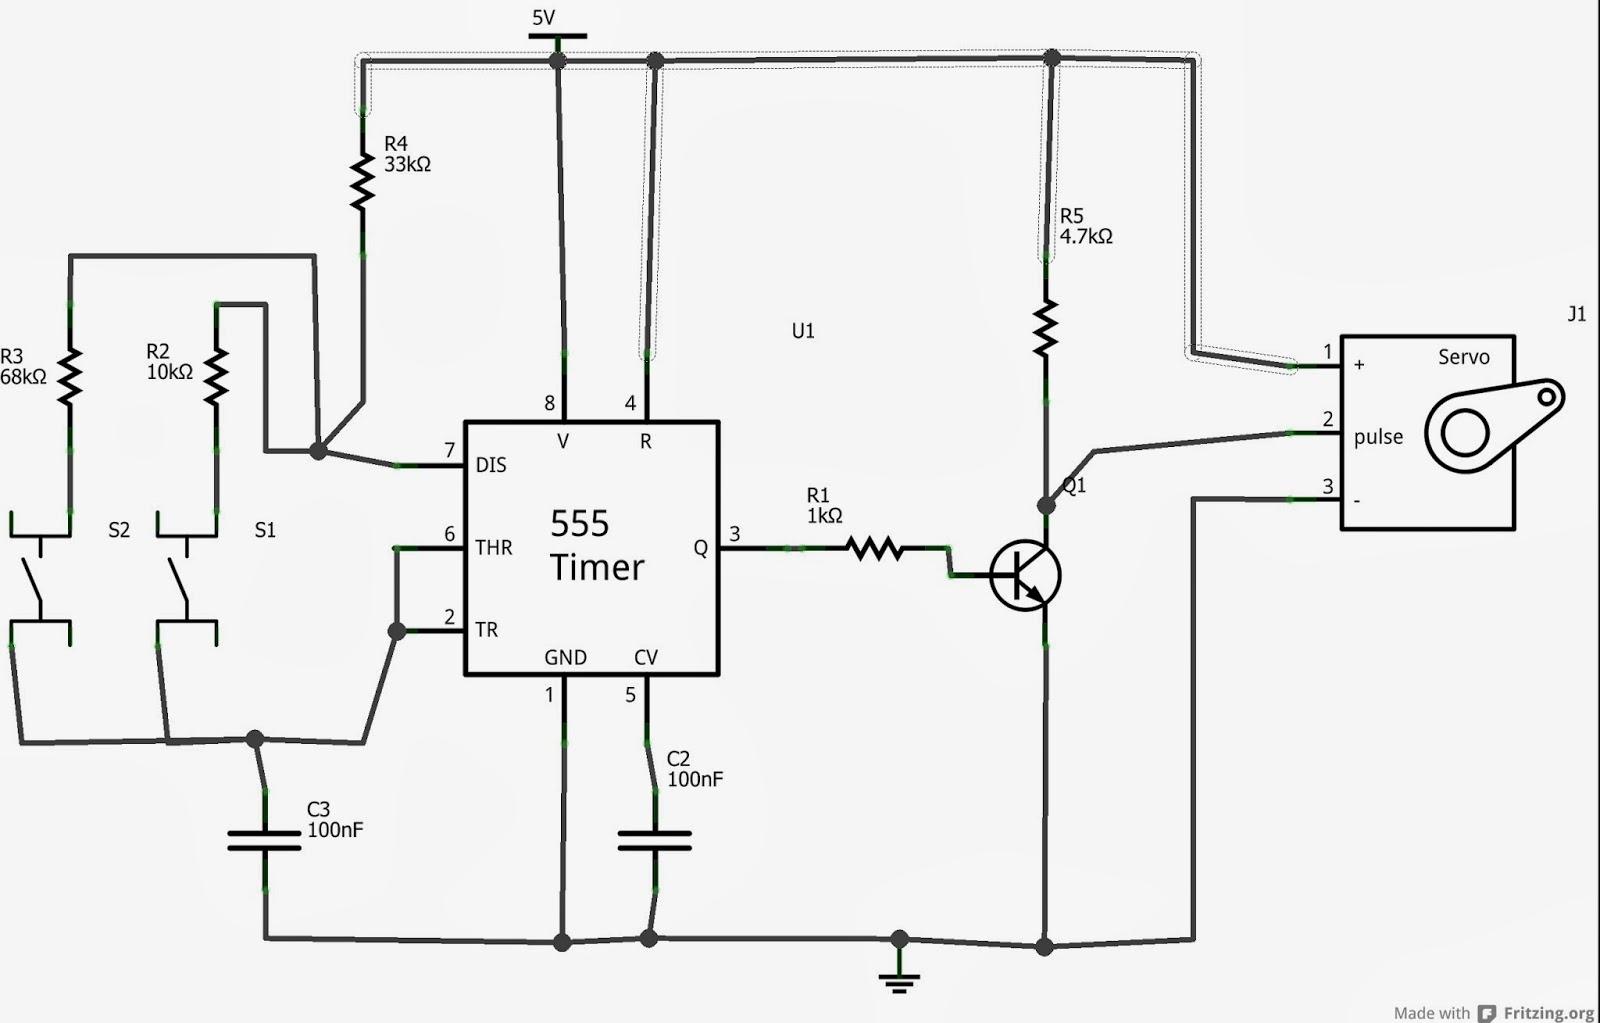 Tutoriais Circuitos Eletronicos Vii Testador De Motores Servos Utilizando 555